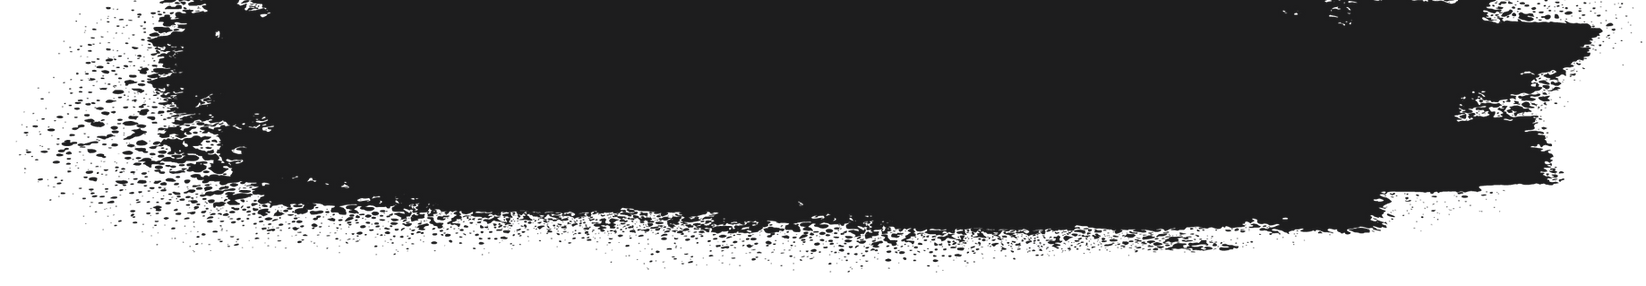 black-banner-01.png